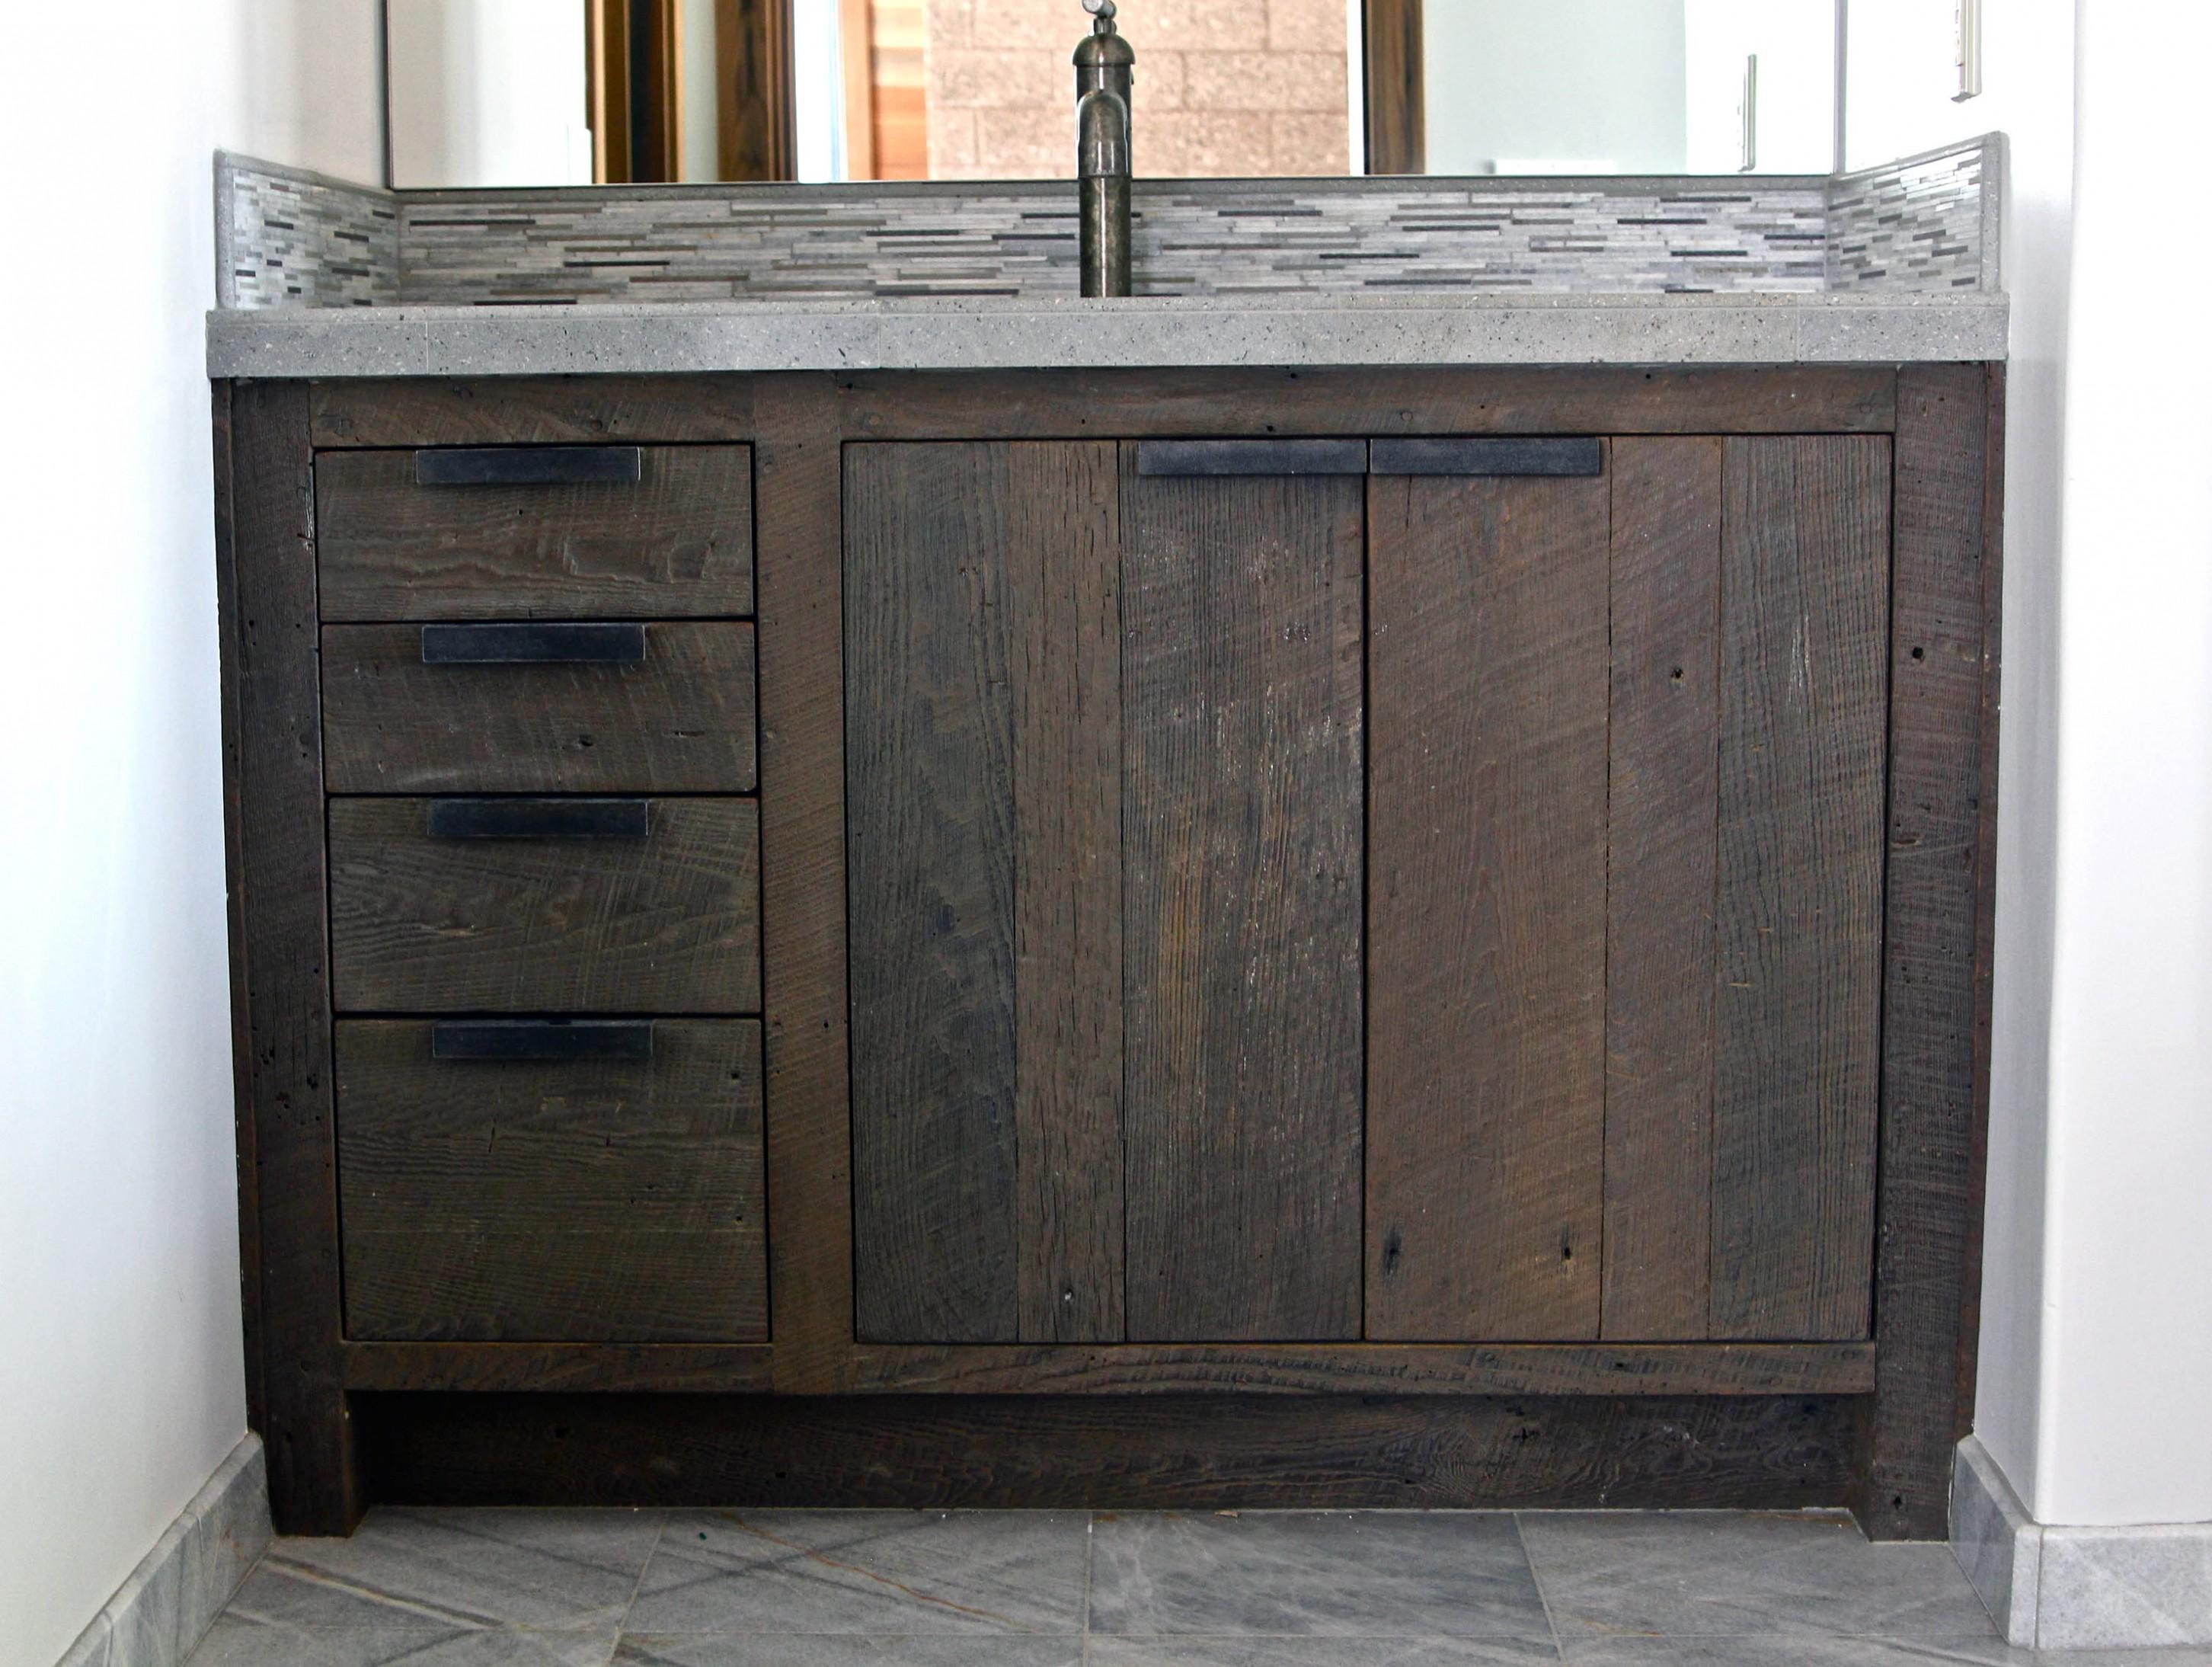 Prefab Bathroom Vanity Sensational Bathroom Reclaimed Wood Vanity Bathroom Bathroom with Prefab Concept